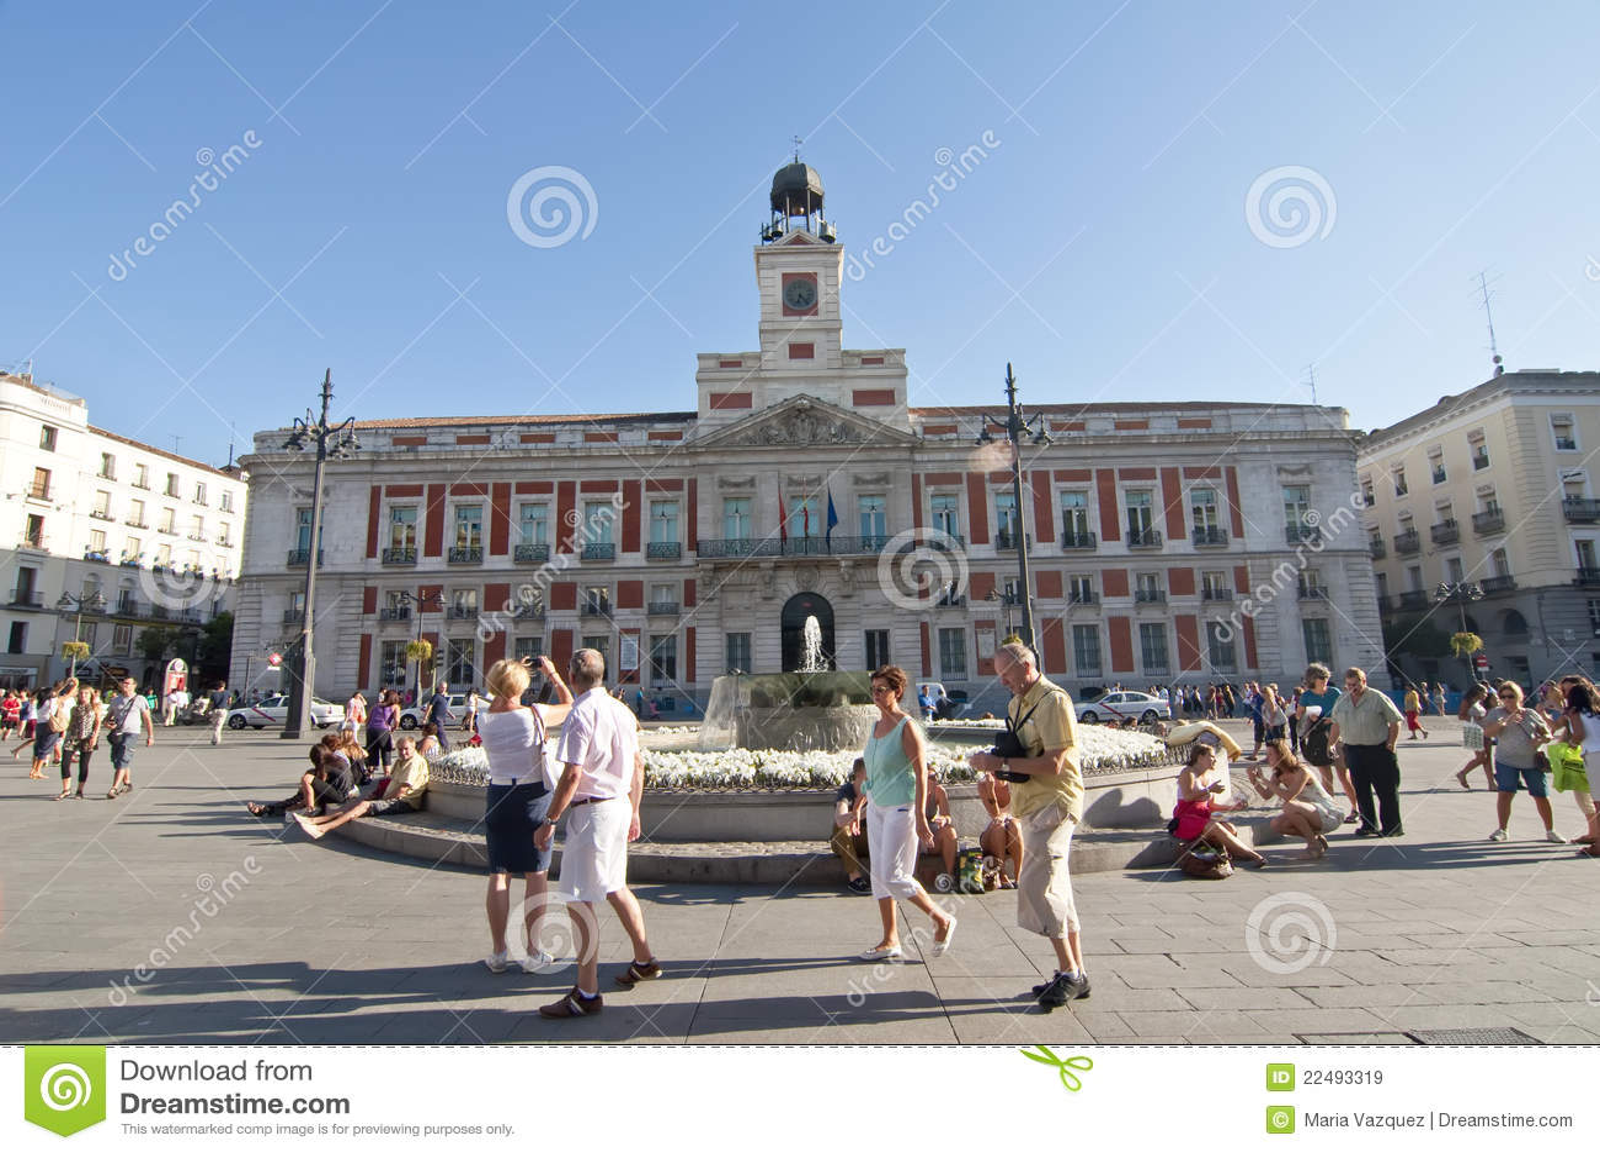 Plaza del sol en madrid espa a imagen de archivo editorial for El sol madrid